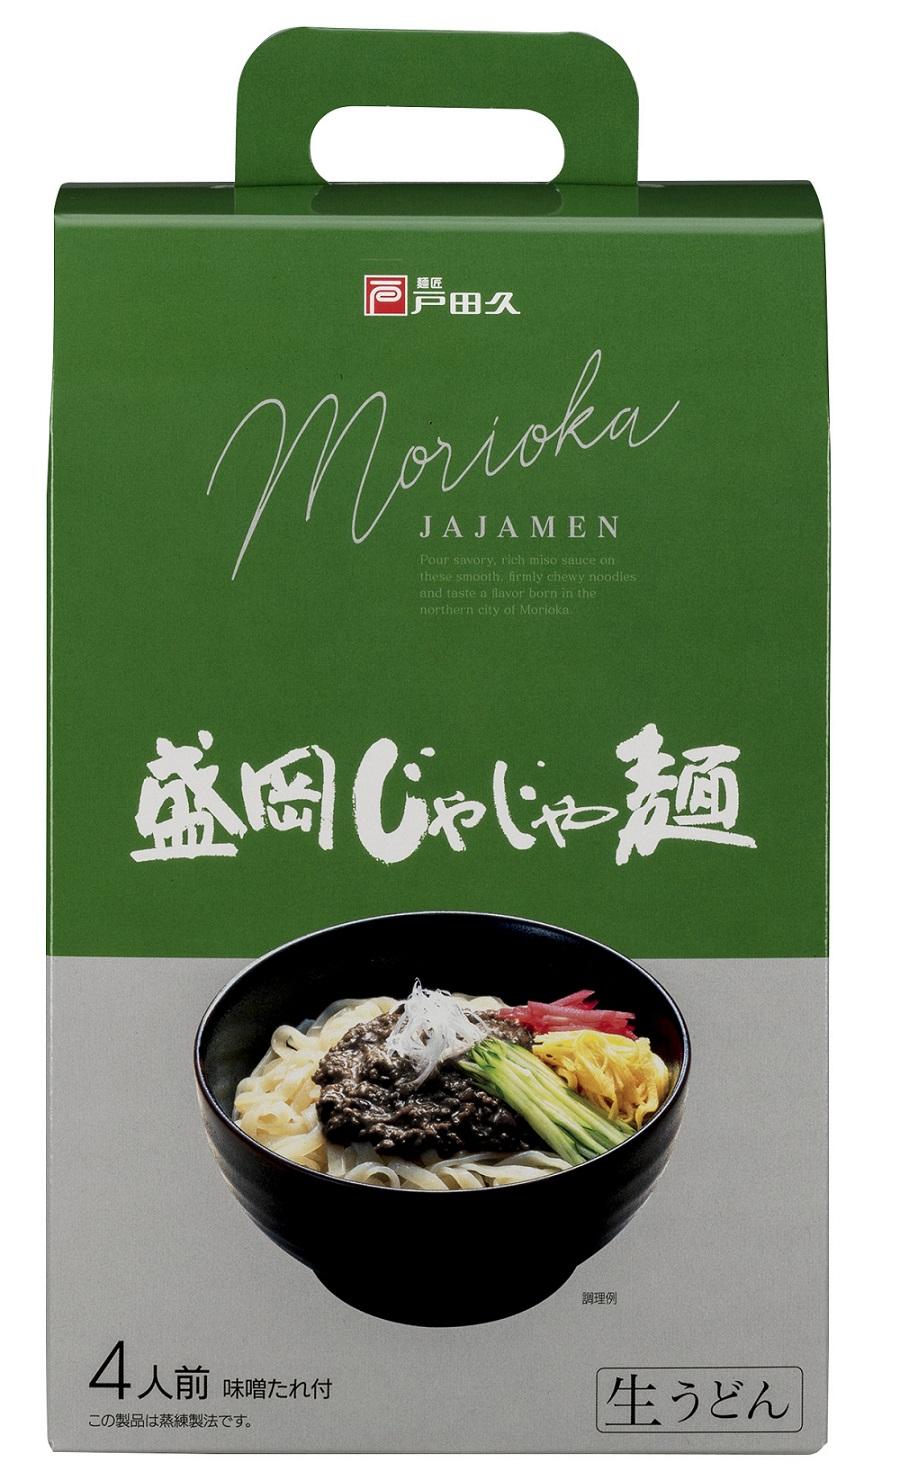 盛岡じゃじゃ麺J-10 (4食入)